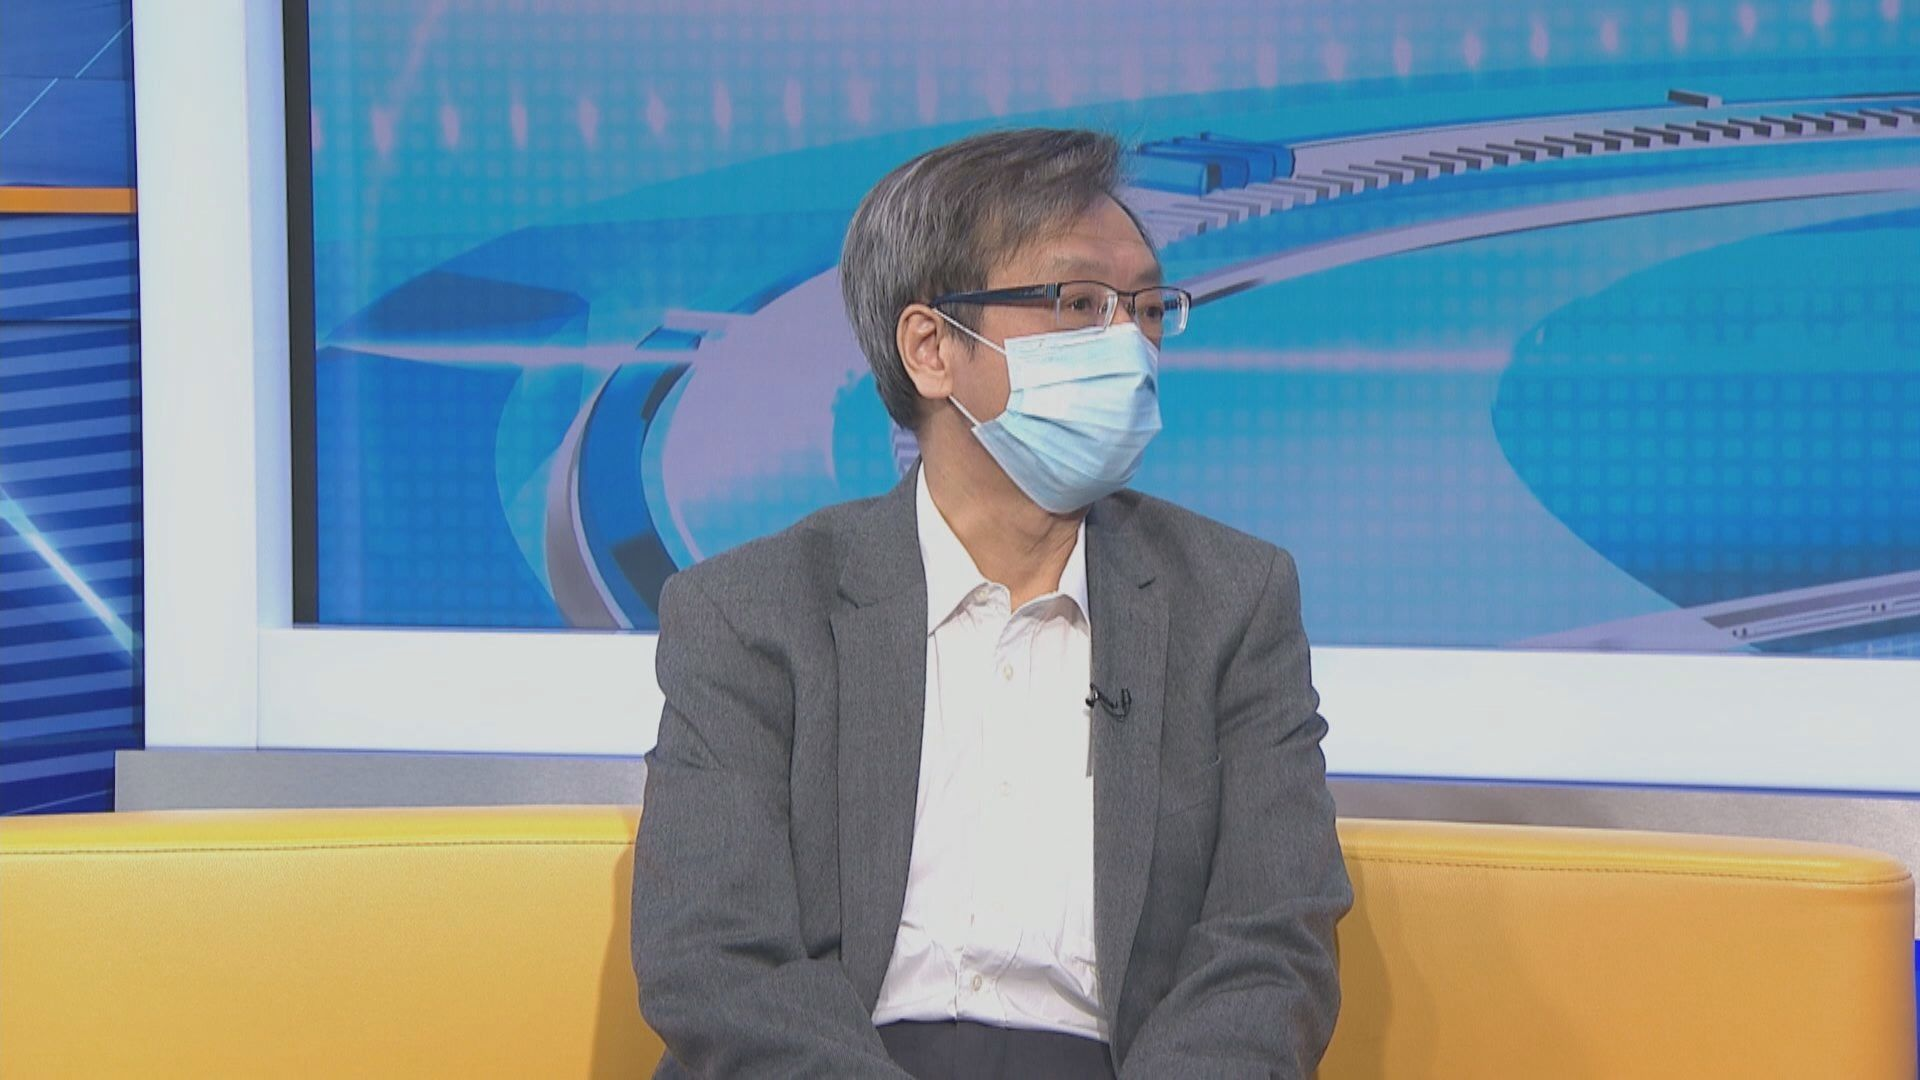 梁子超︰疫情未明顯受控 不適宜再放寬防疫措施